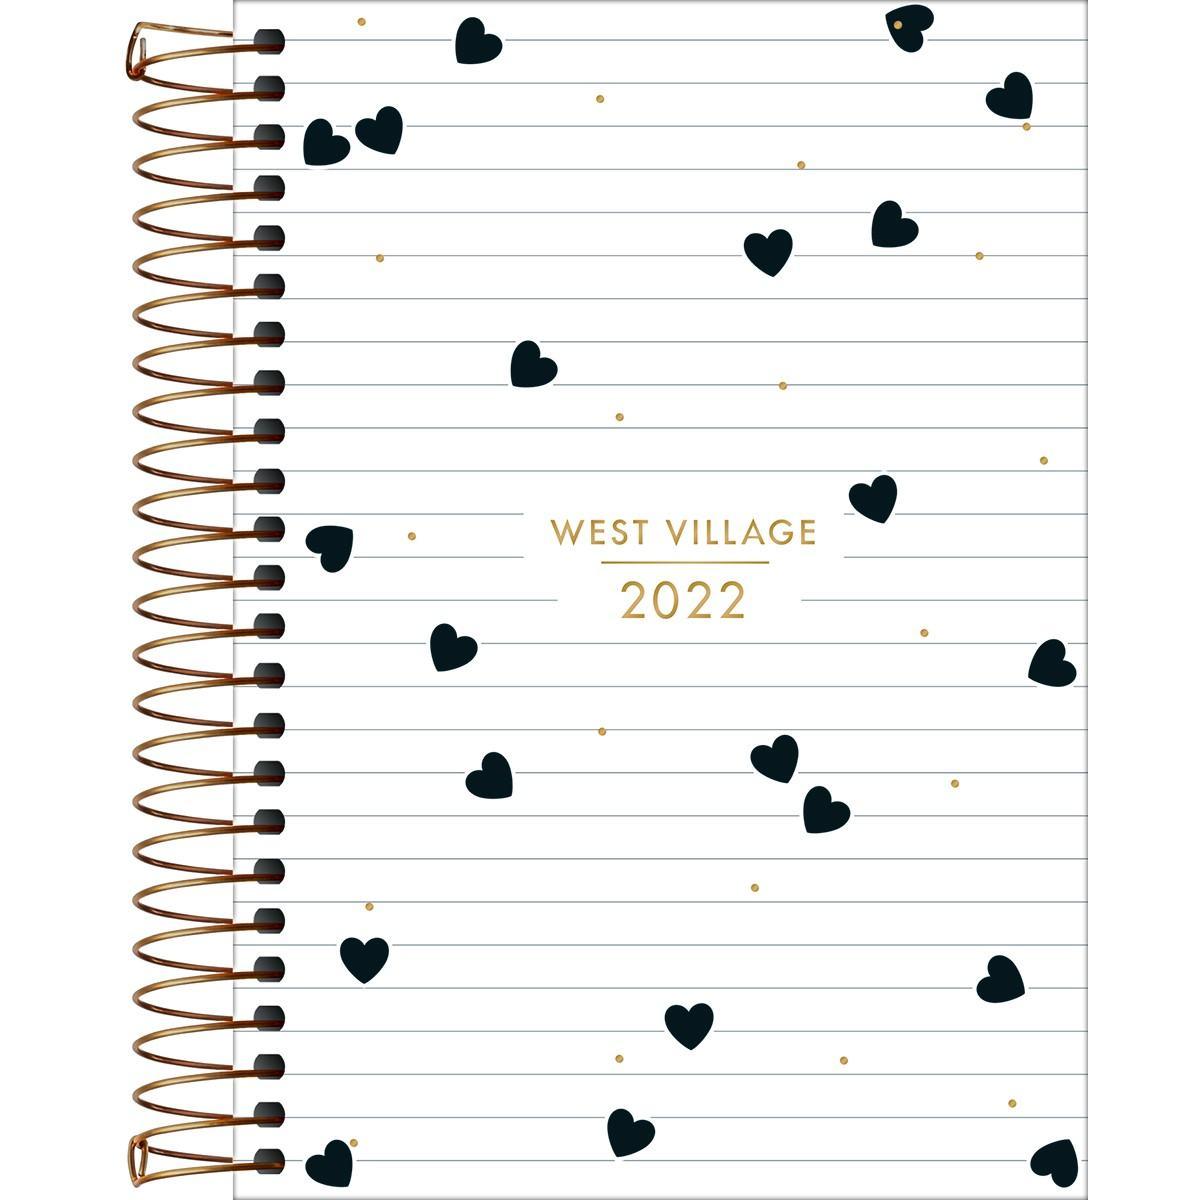 Agenda Espiral Diária 14 X 20cm West Village 2022 M6 - Tilibra